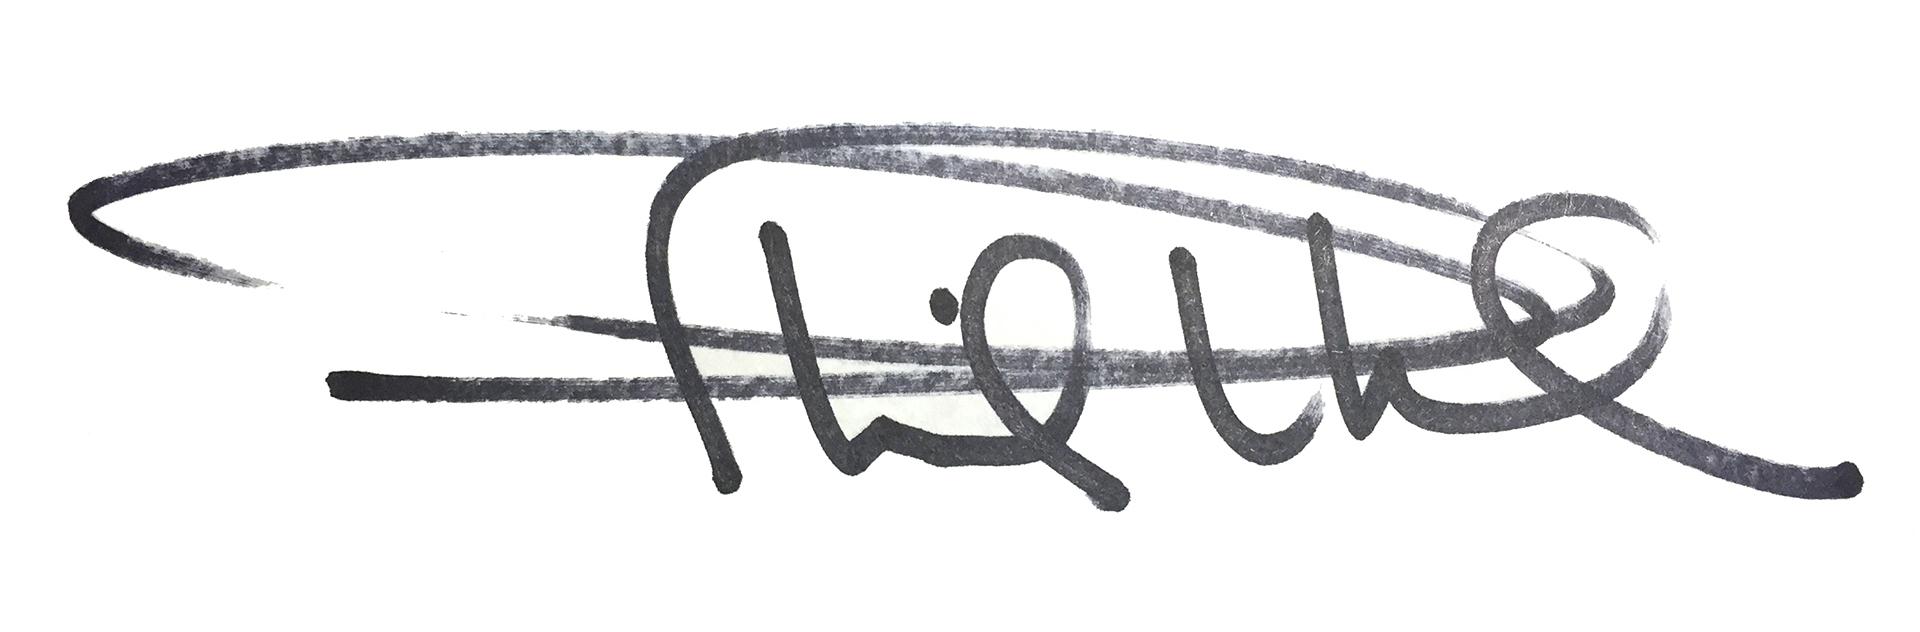 Phil Uhl's Signature